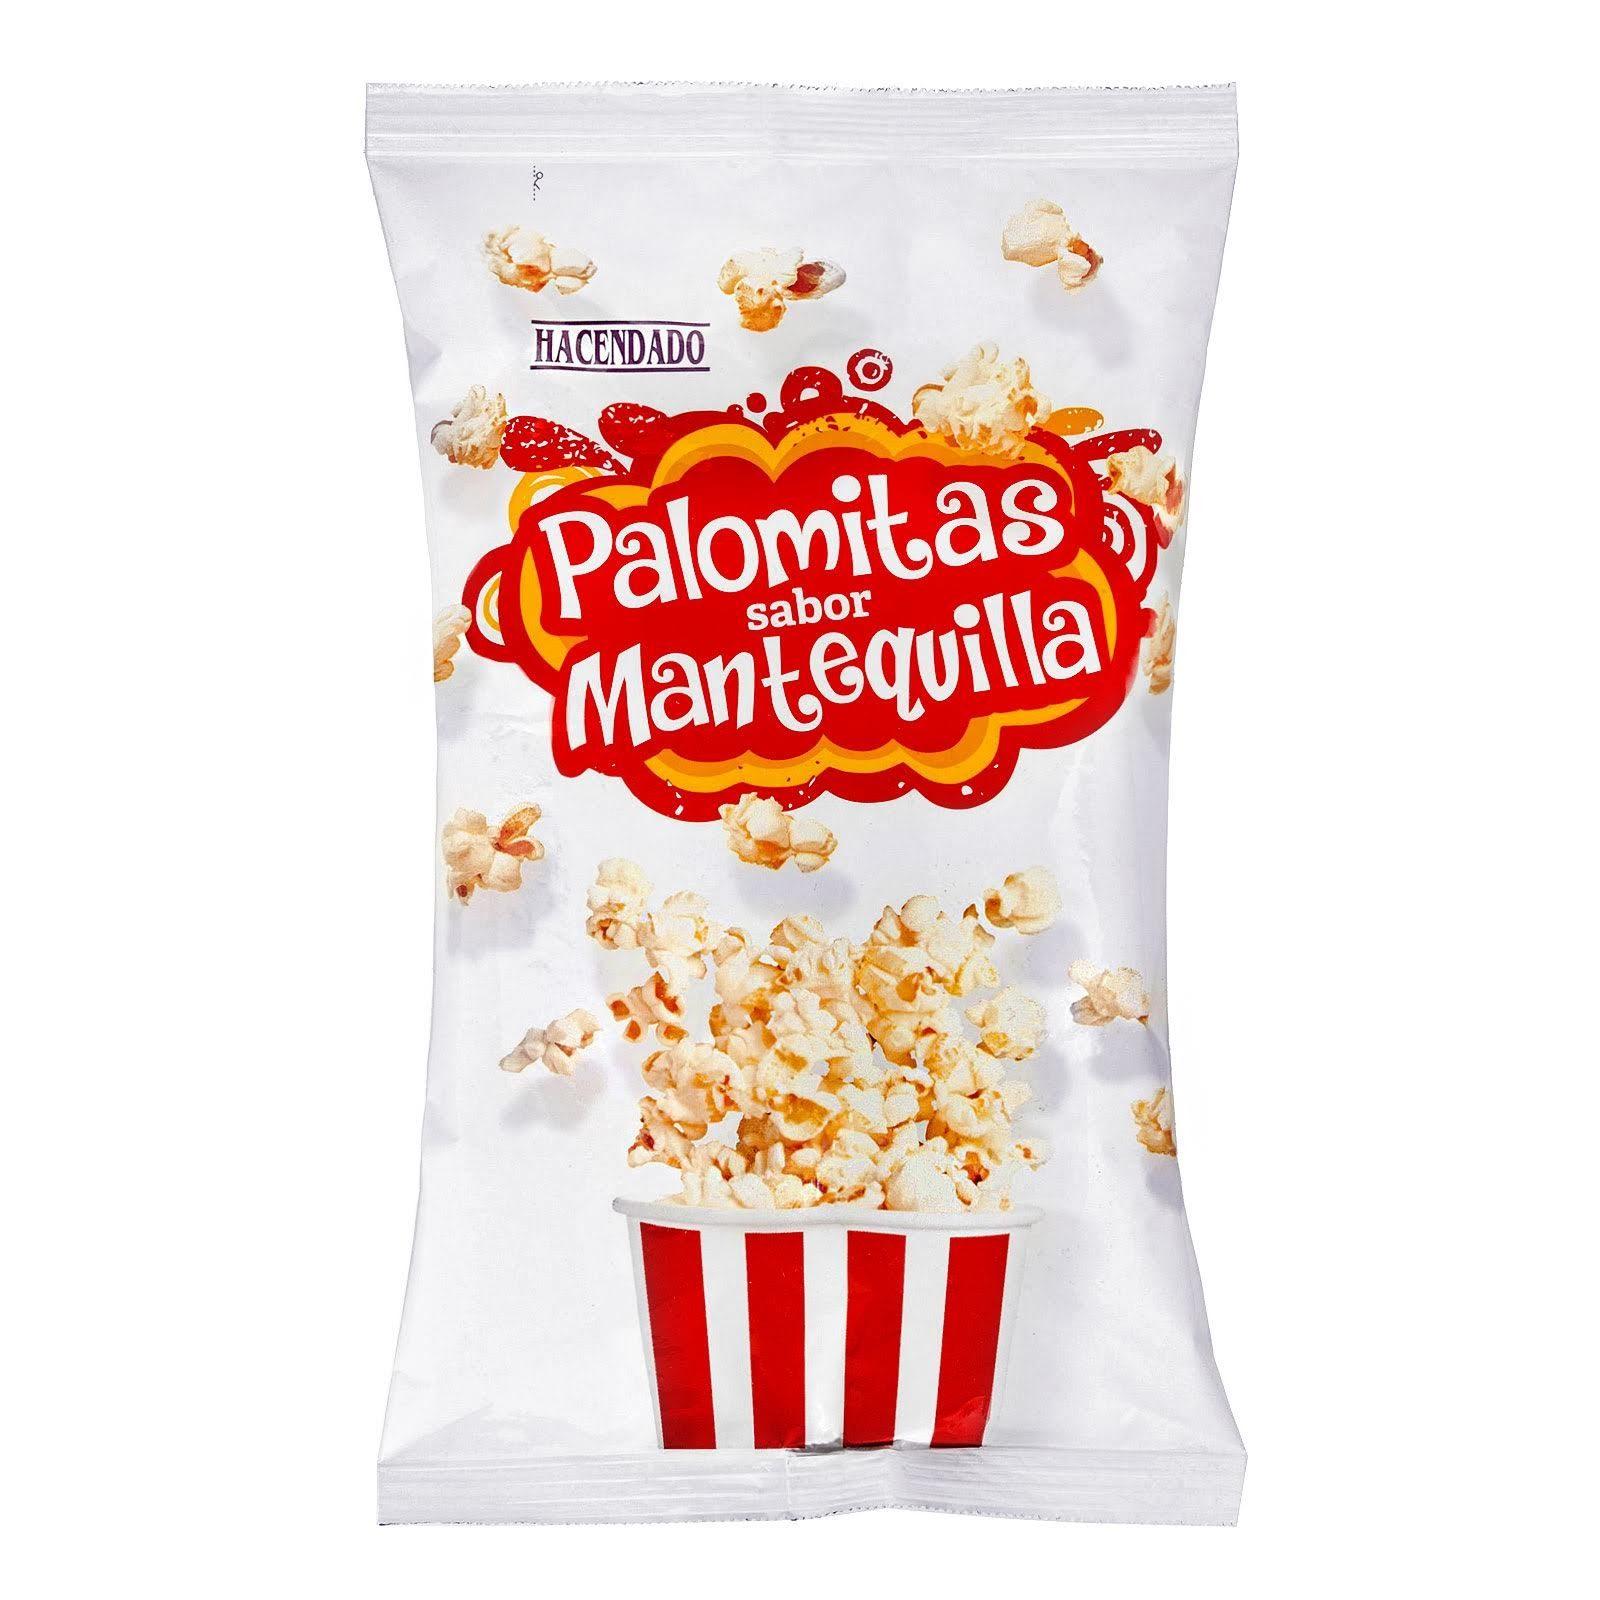 palomitas-sabor-mantequilla-hacendado-mercadona-1-2590315